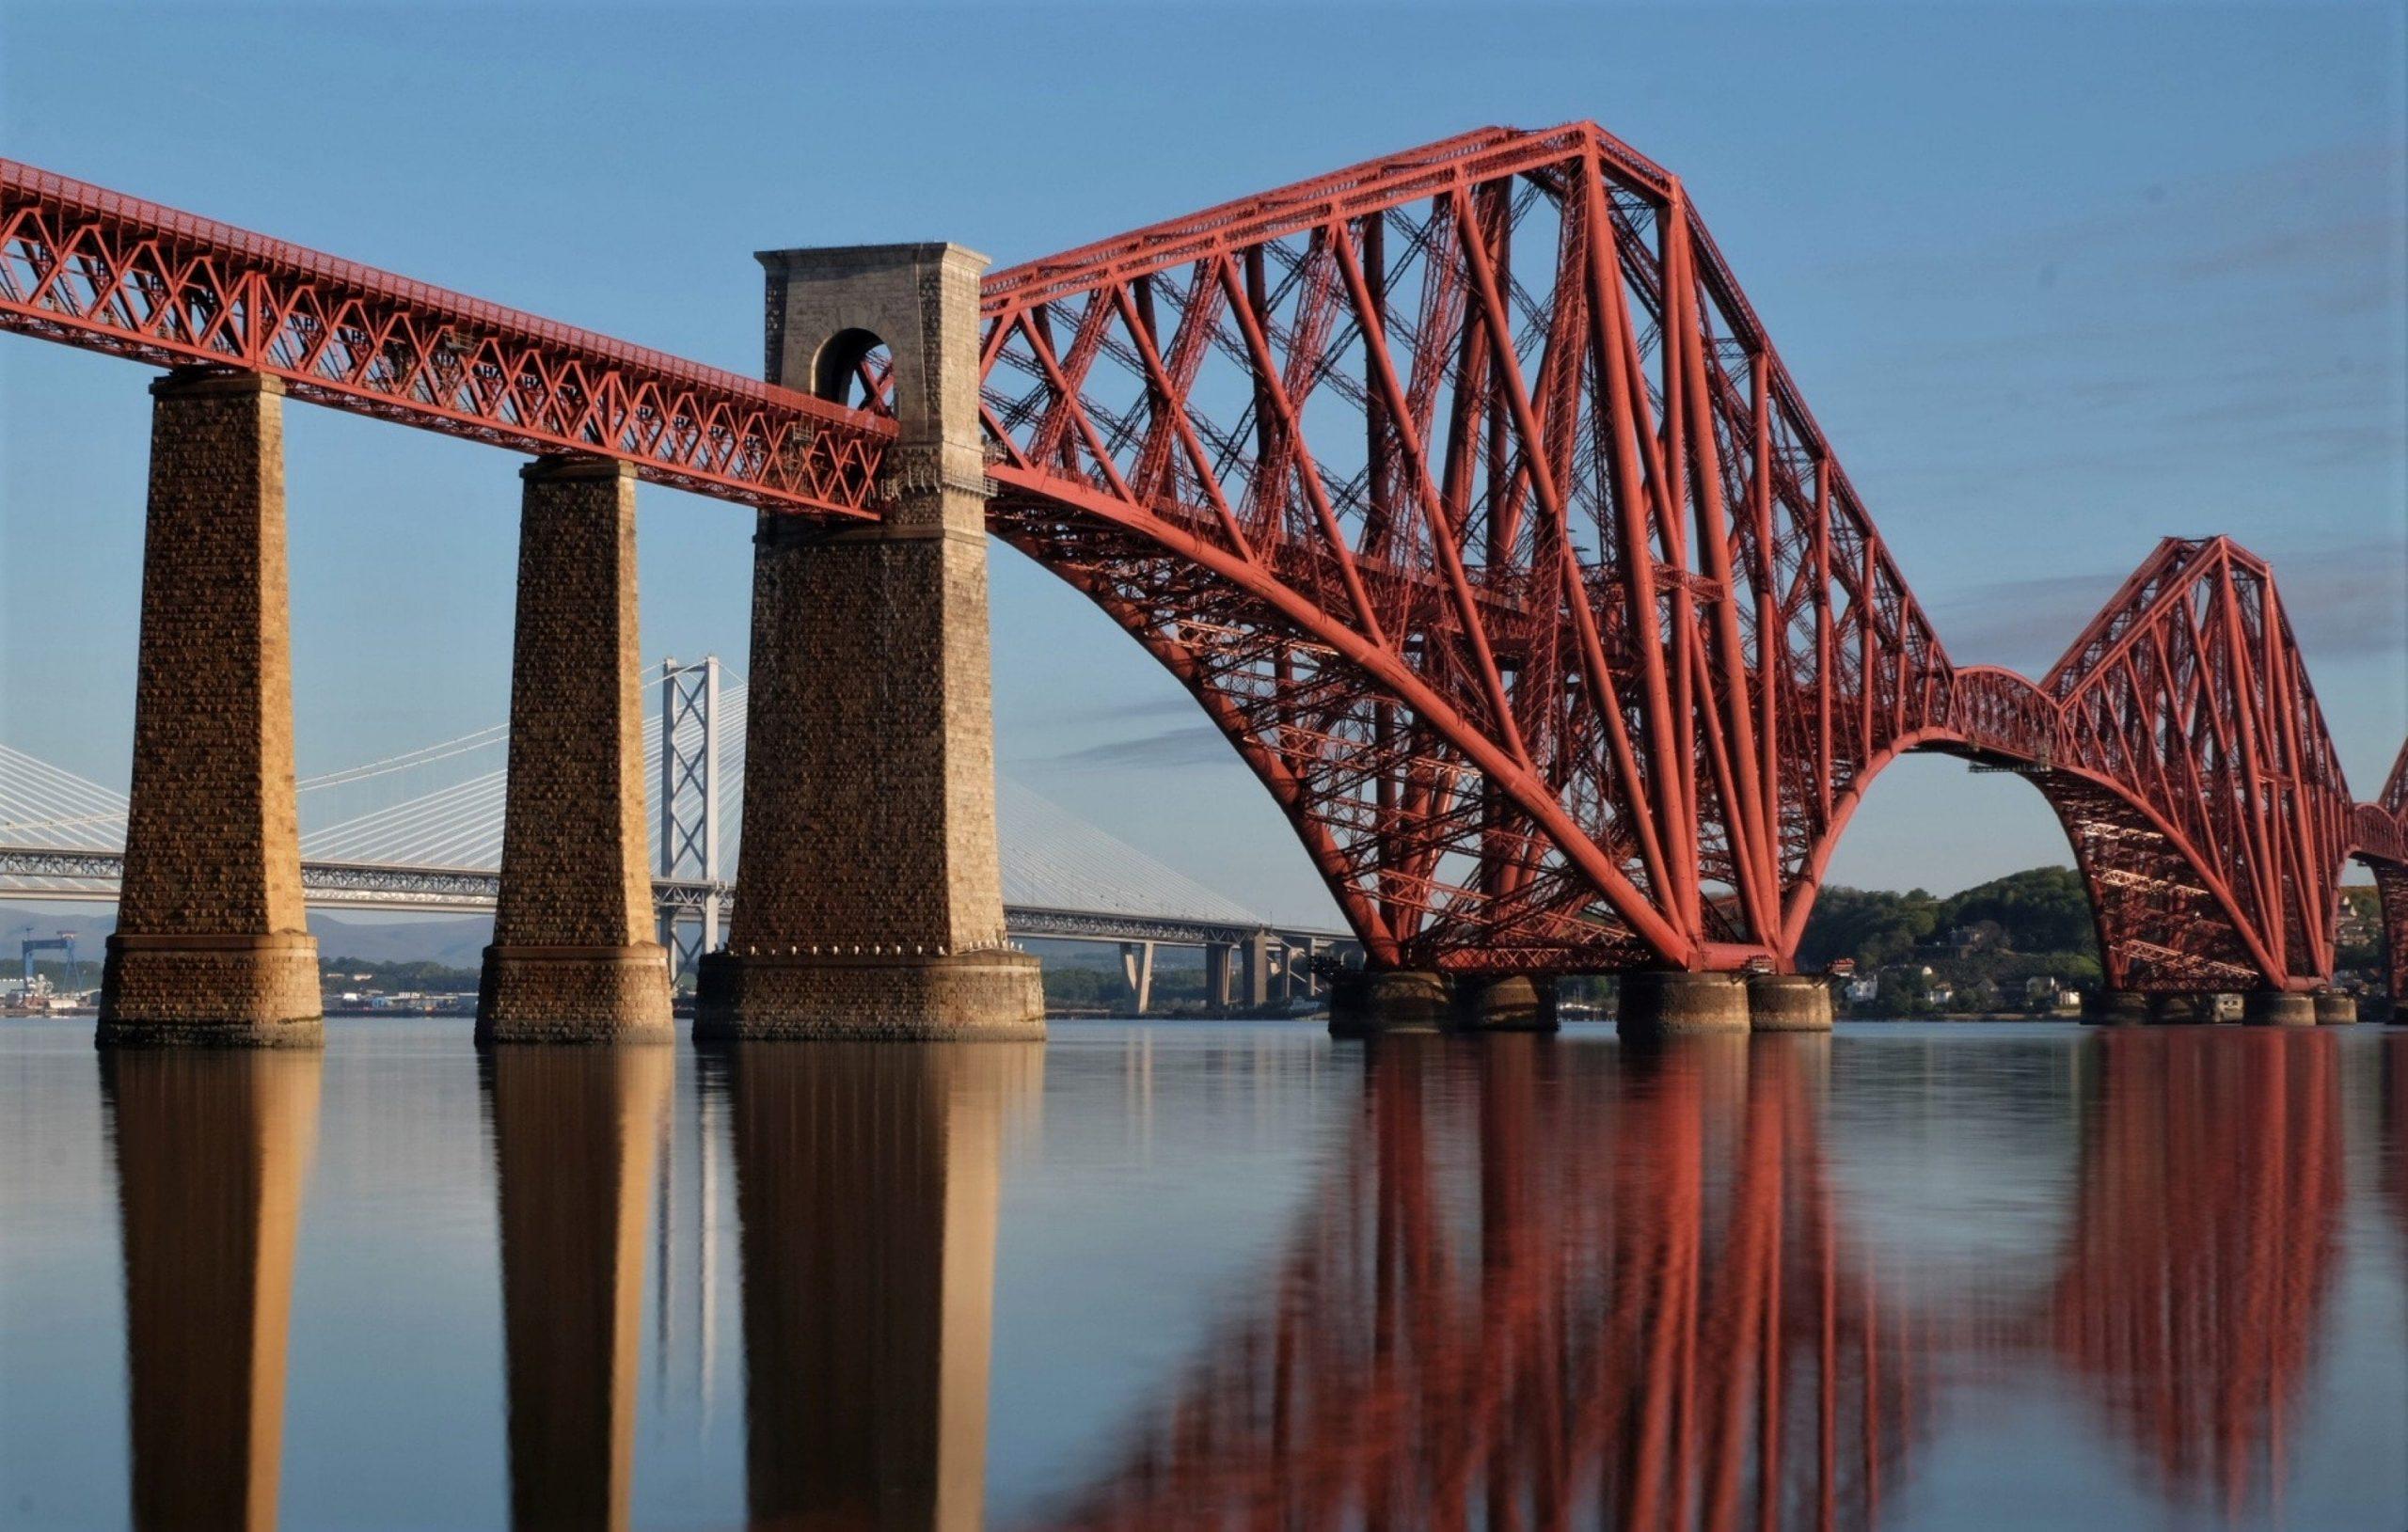 Scotland Forth Bridge